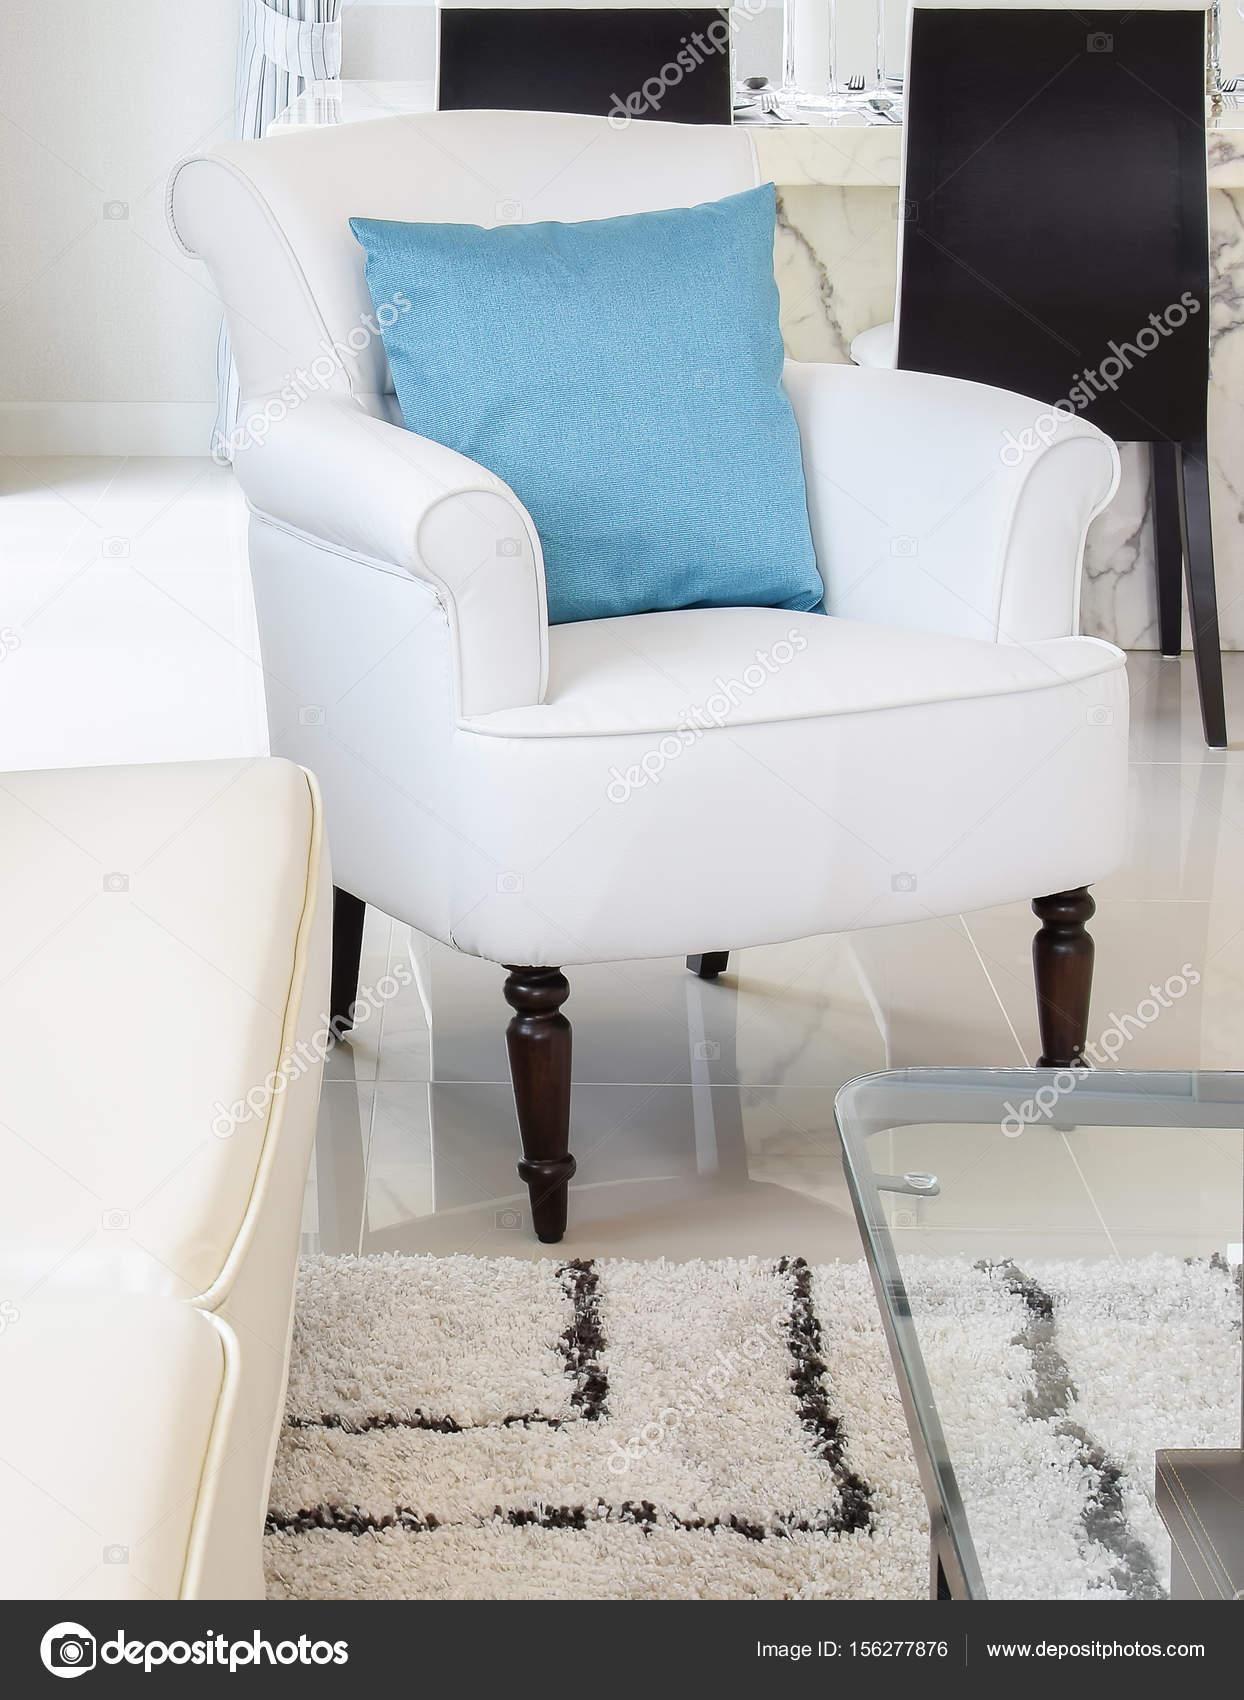 blauwe kussens op een witte lederen bank in de woonkamer — Stockfoto ...